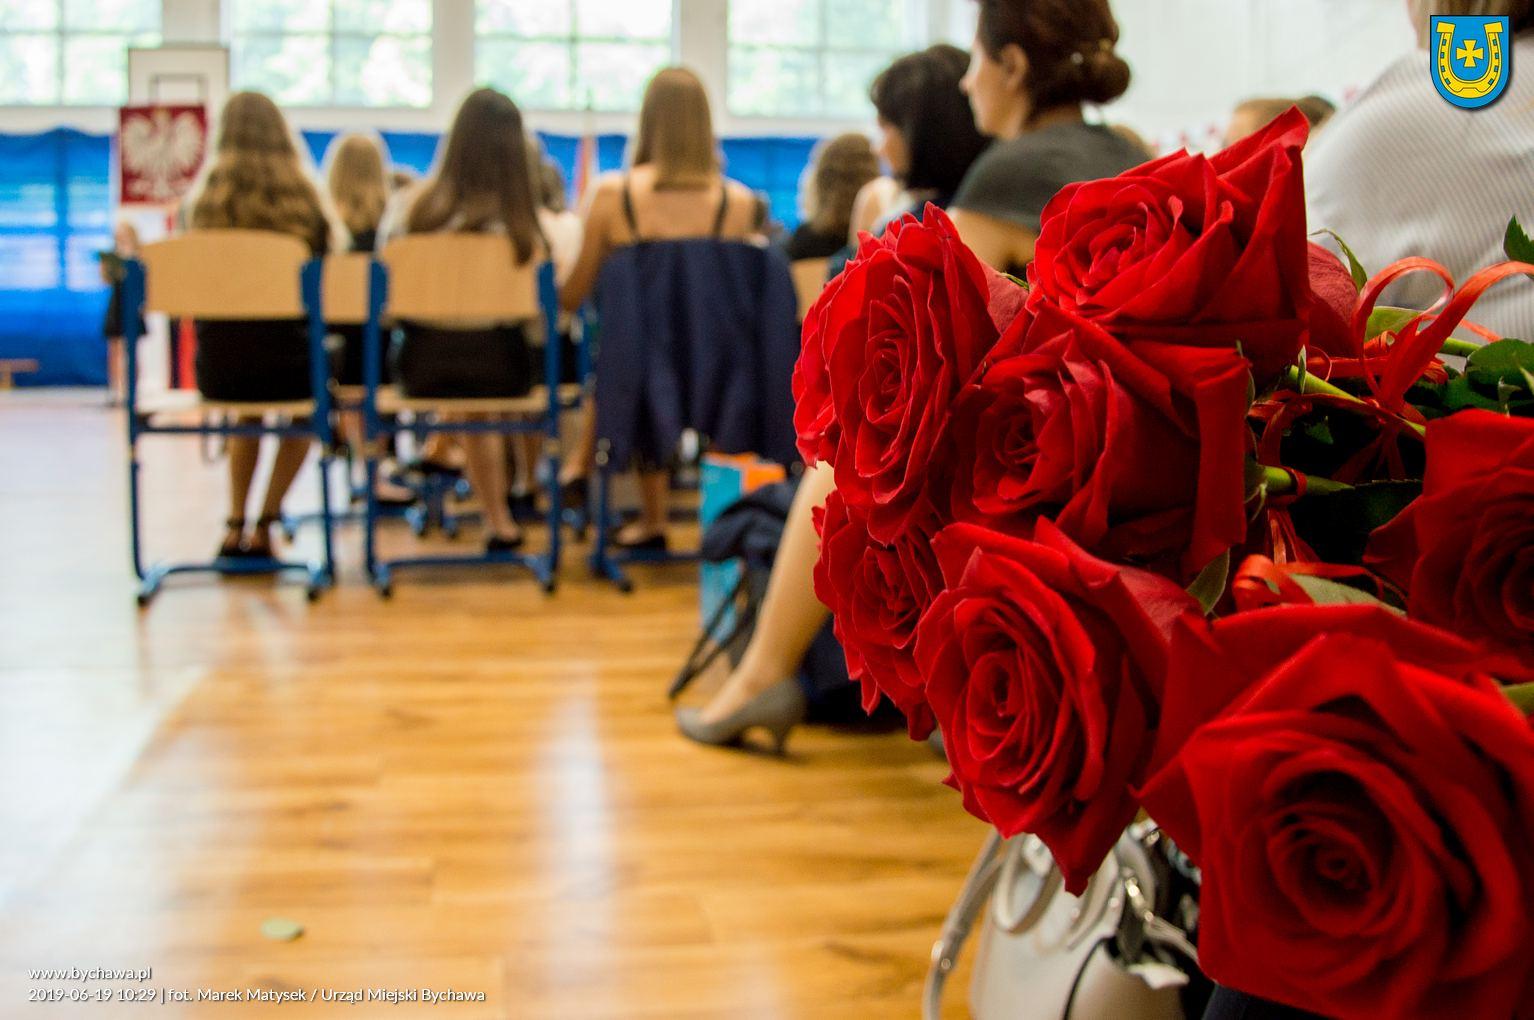 Zakończenie roku szkolnego 2018/2019 w Szkole Podstawowej w Bychawie